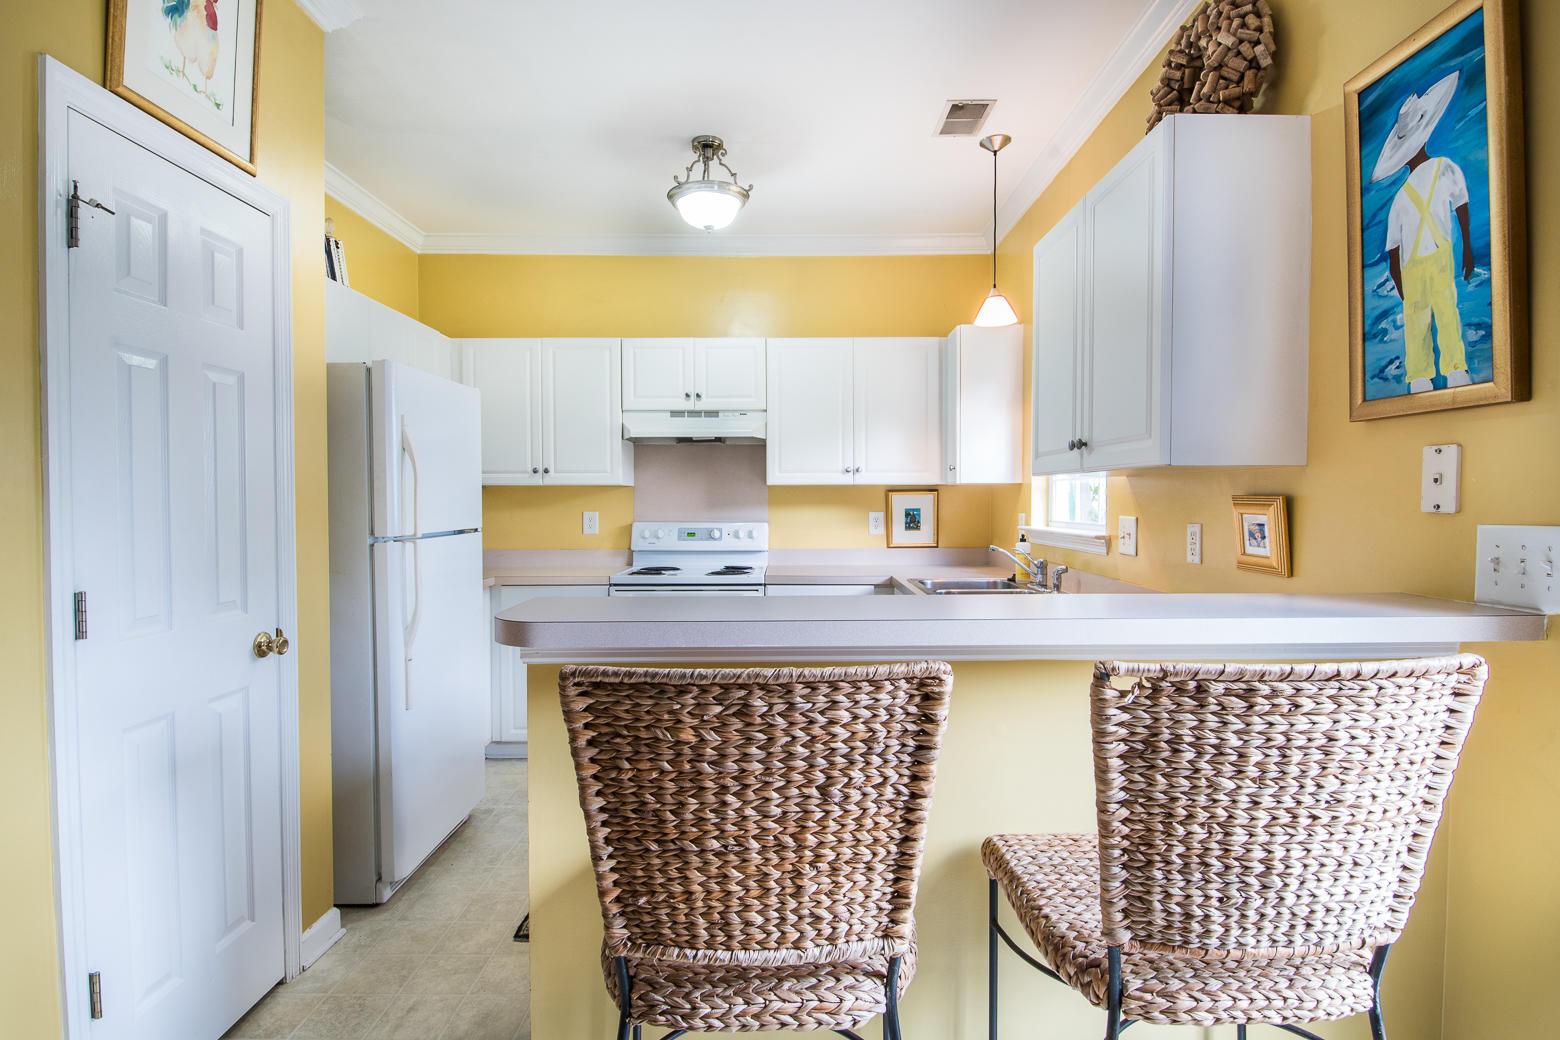 Jamestowne Village Homes For Sale - 1445 Swamp Fox, Charleston, SC - 12